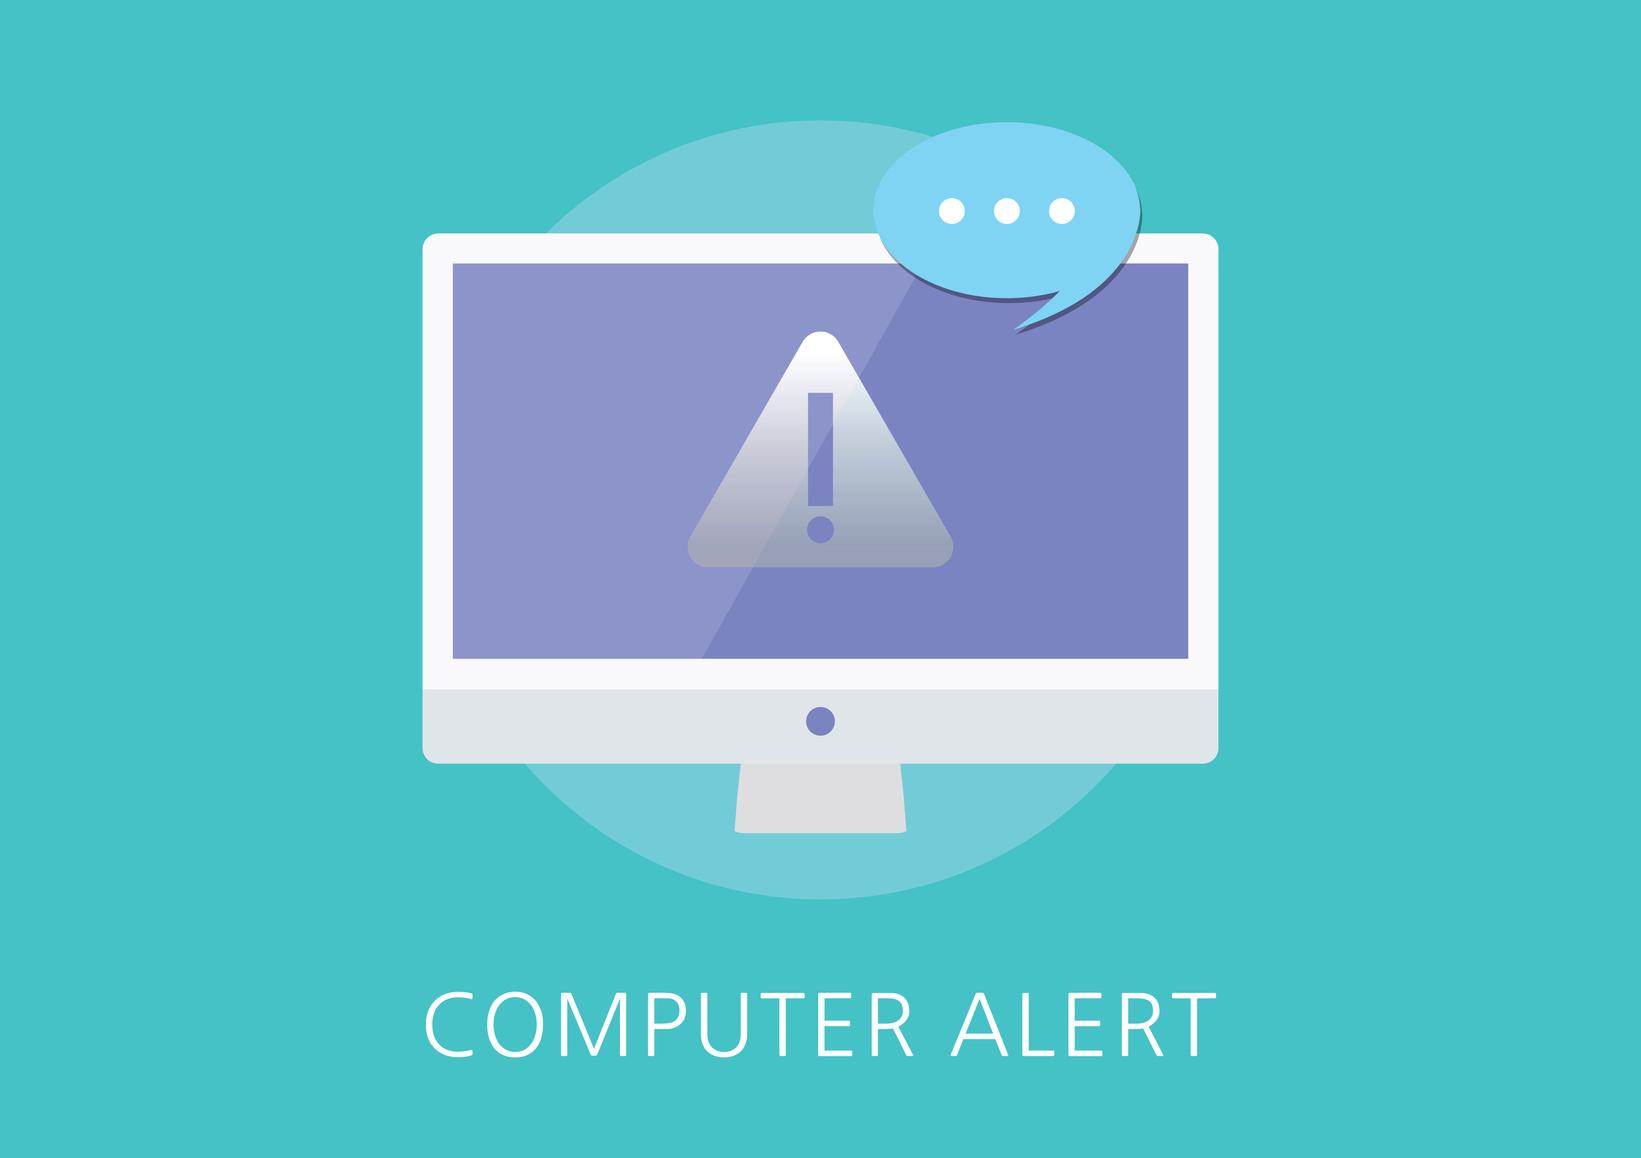 Le jour où les ransomwares ont changé de dimension ?